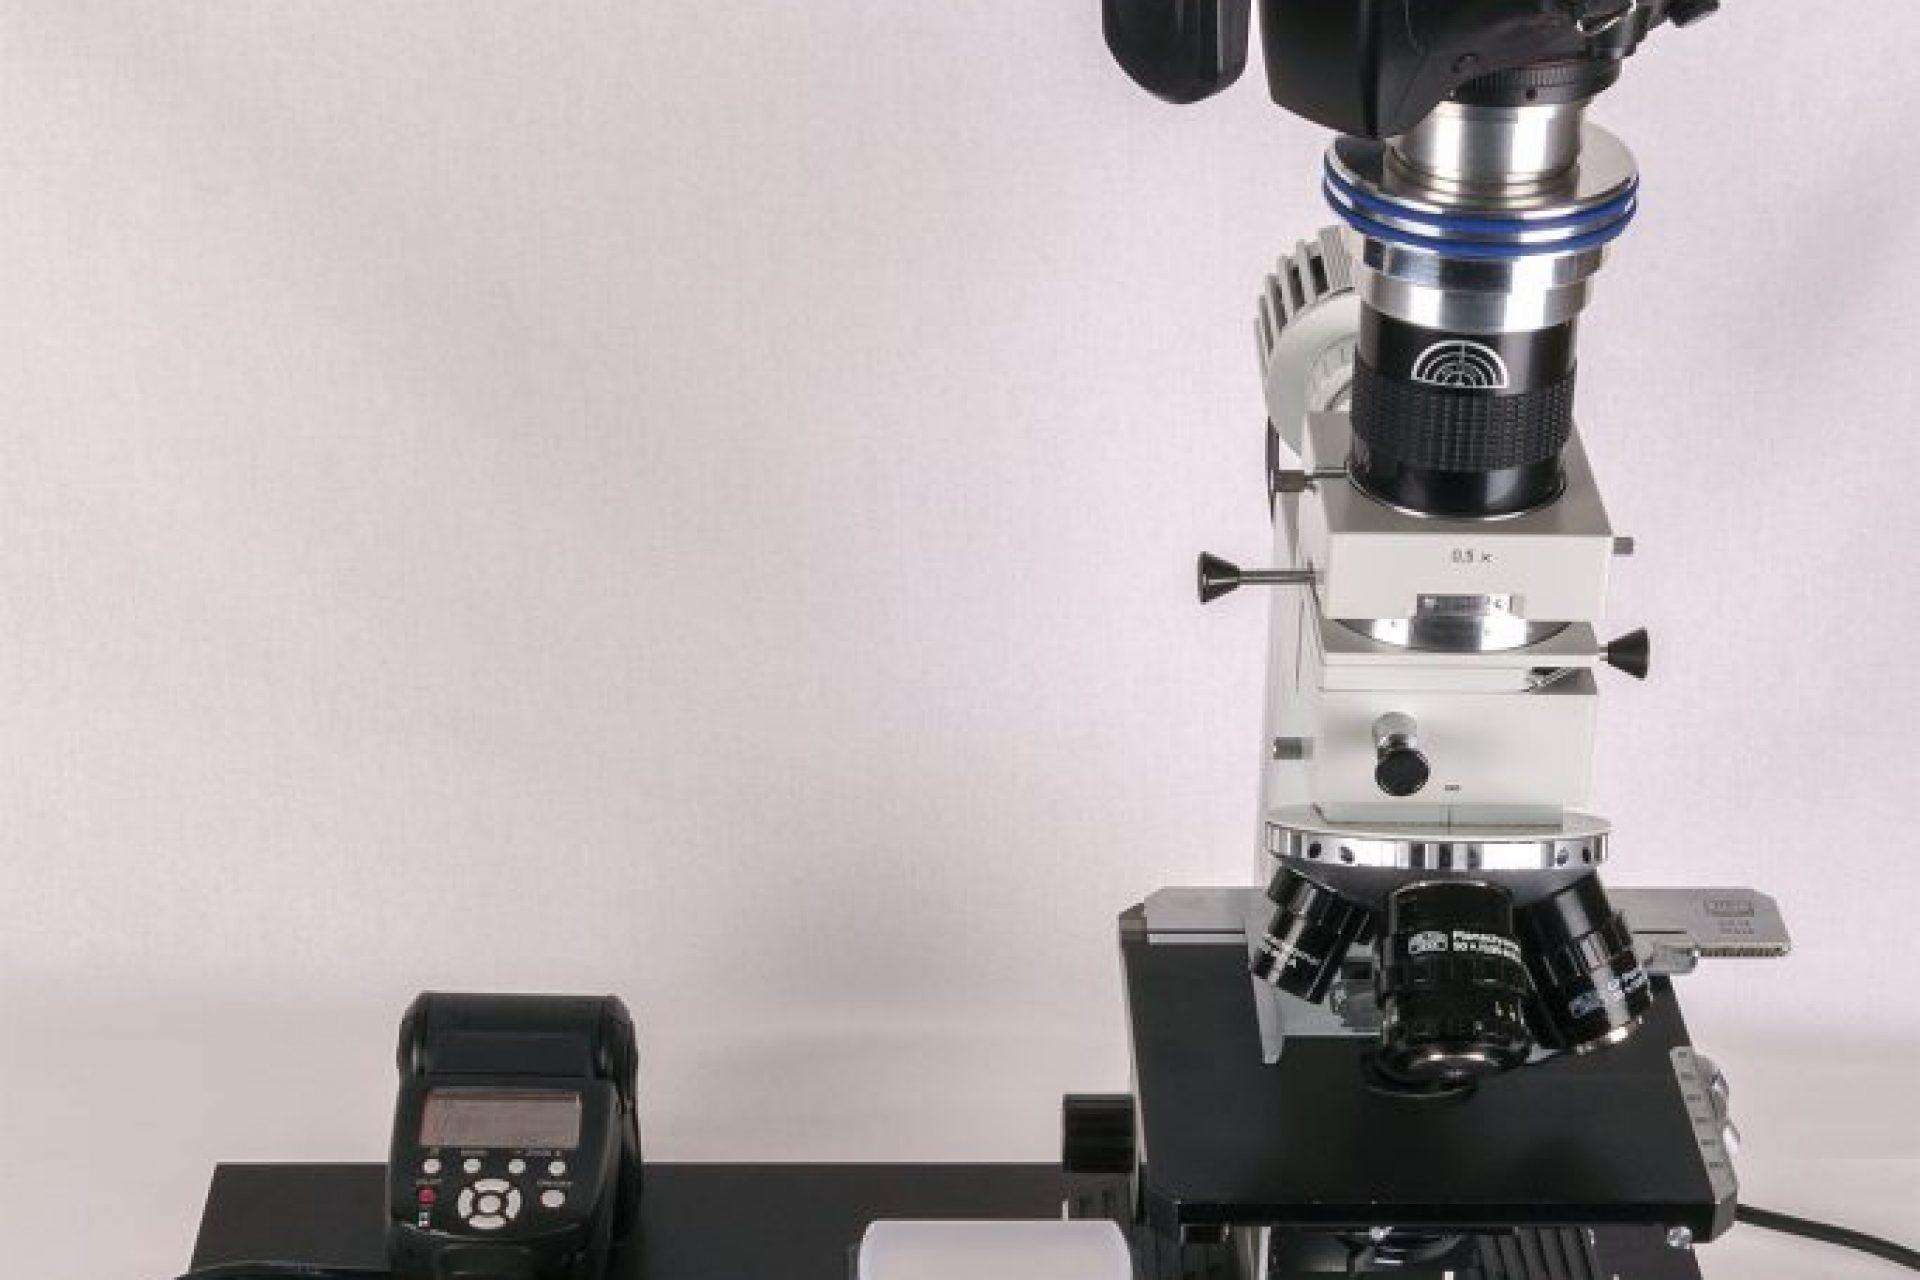 Das Arbeitssetup, ausgestattet mit einem JENALB-Pol und einer Sonderanfertigung der MF-Fotoanpassung APO für die digitale Mikrofotografie von BW-Optik.